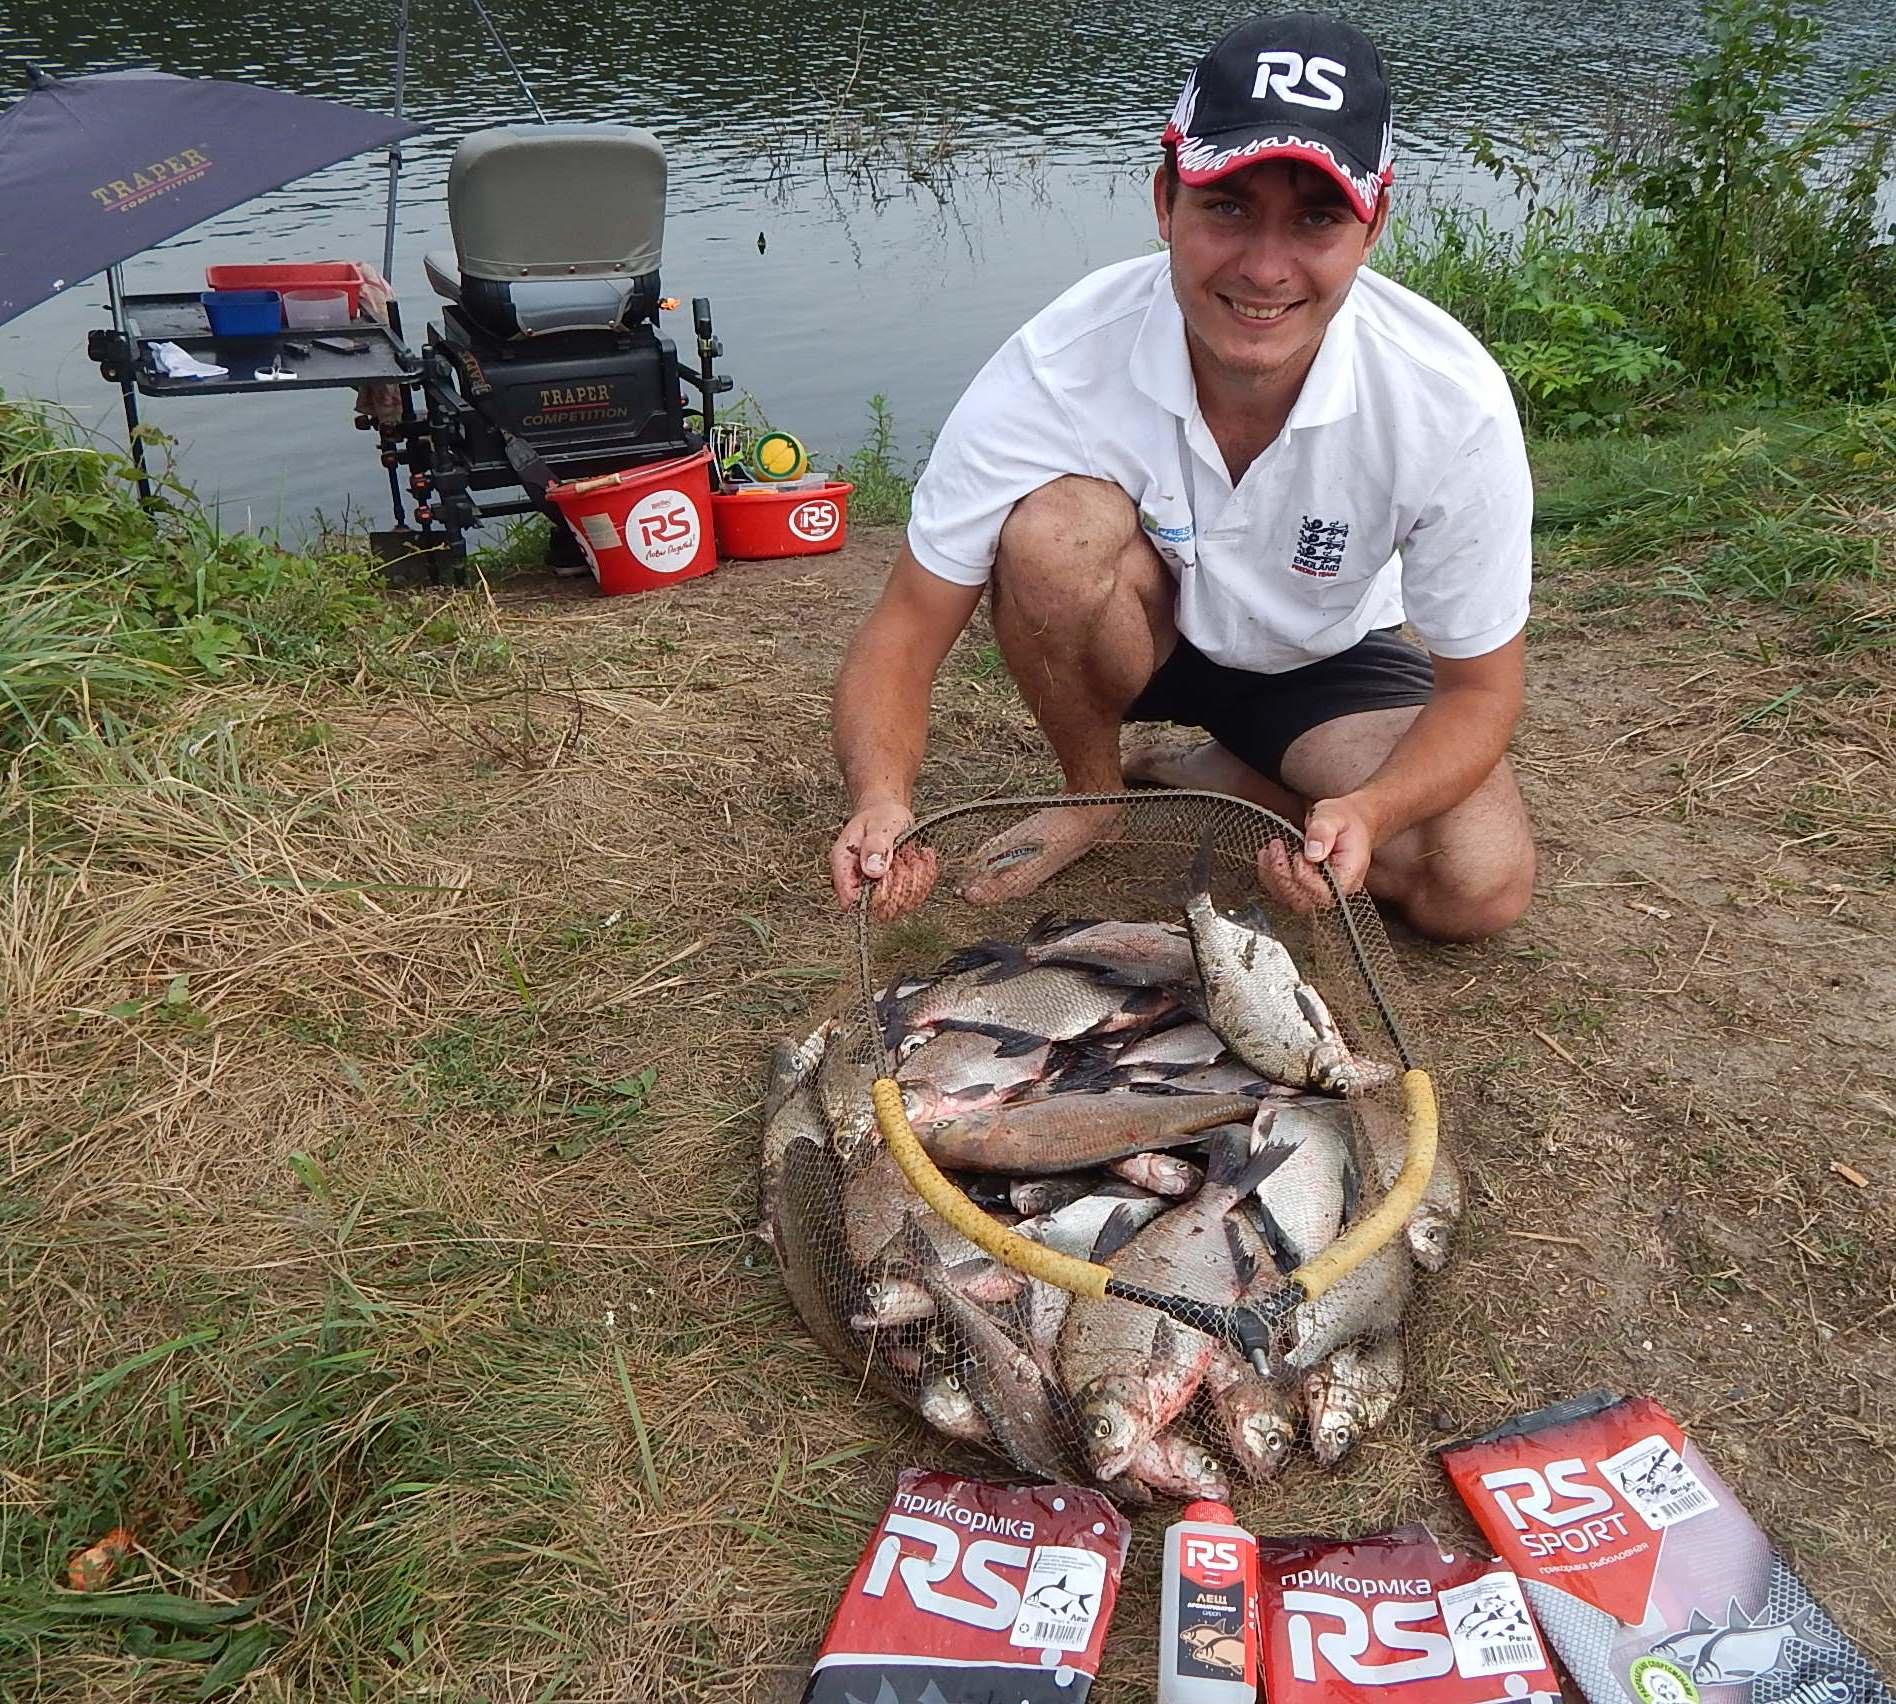 Довольный рыбак с полным садком рыбы